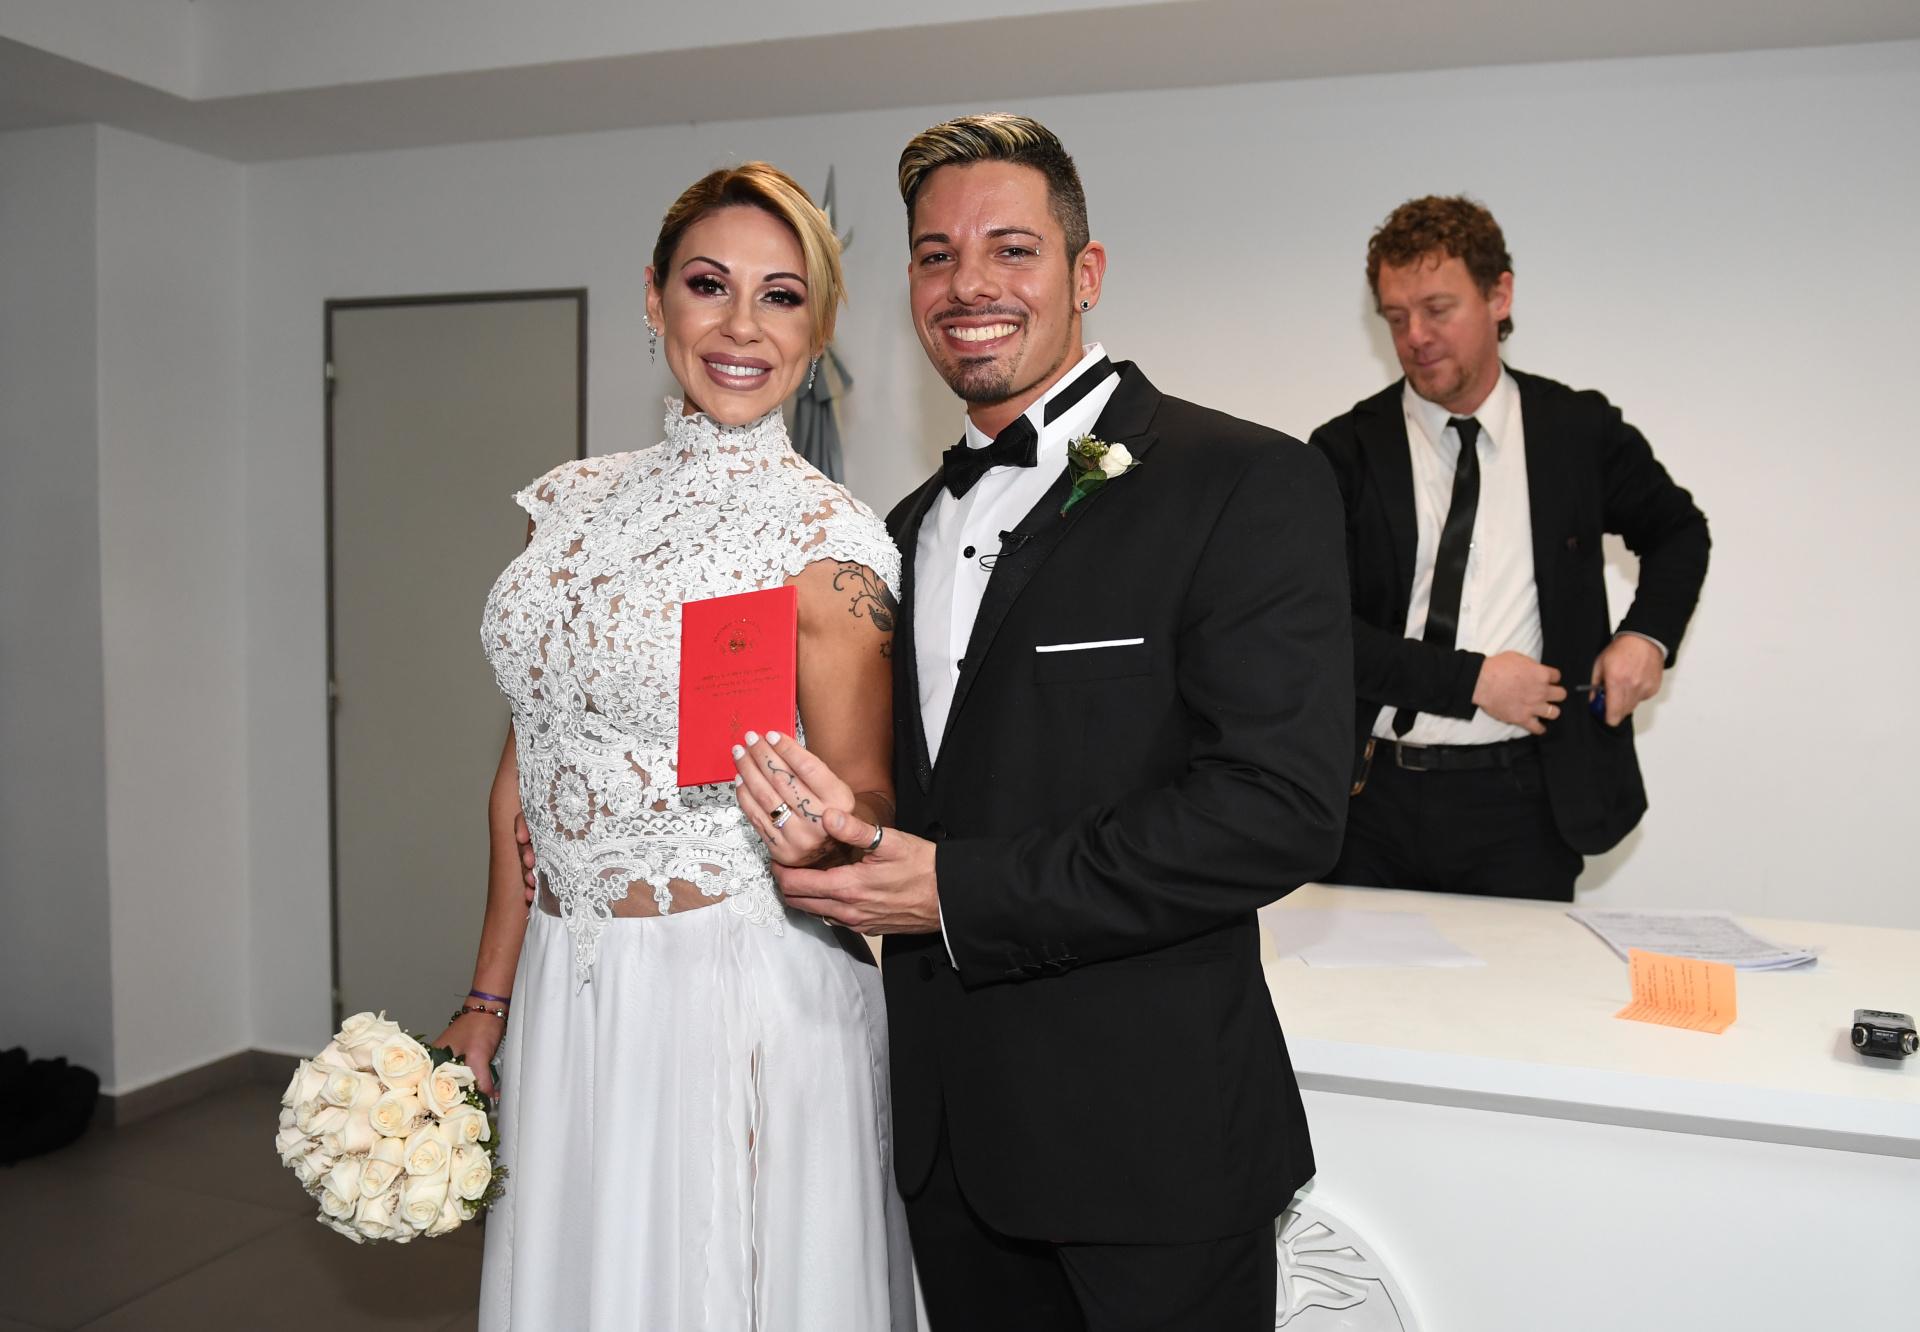 """La parejafeliz con su libreta roja. """"La ceremonia fue muy linda, lloramos nosotros y nuestros familiares también"""", comentó la madre de Diego (Fotos: Maximiliano Luna /Teleshow)"""